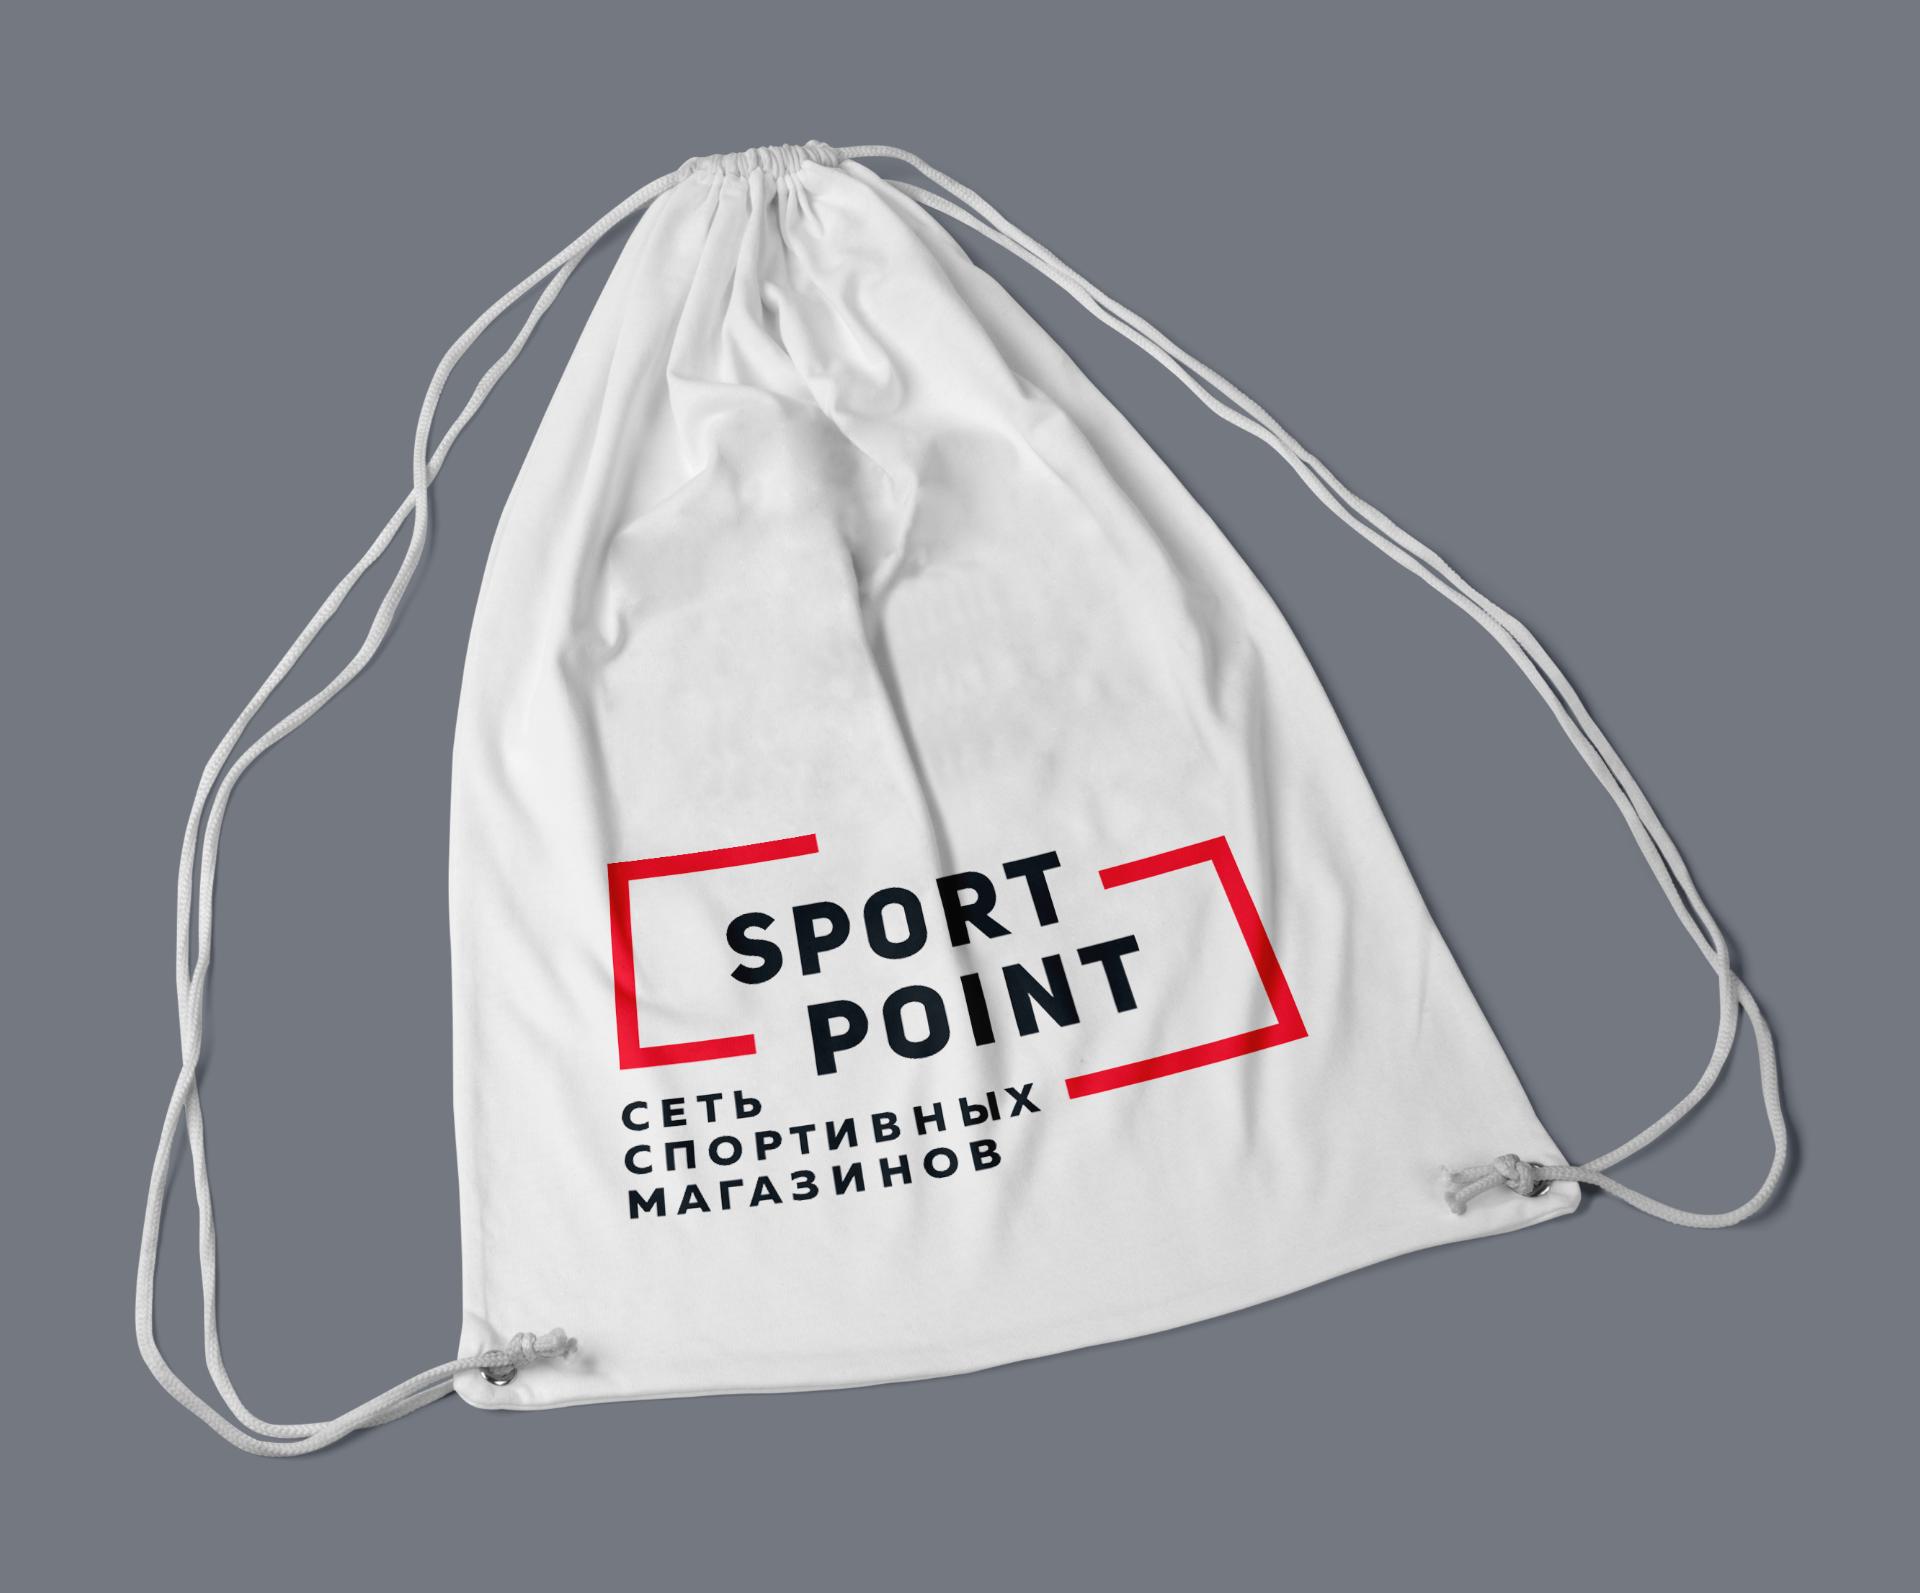 sportpoint_logo-identity_26